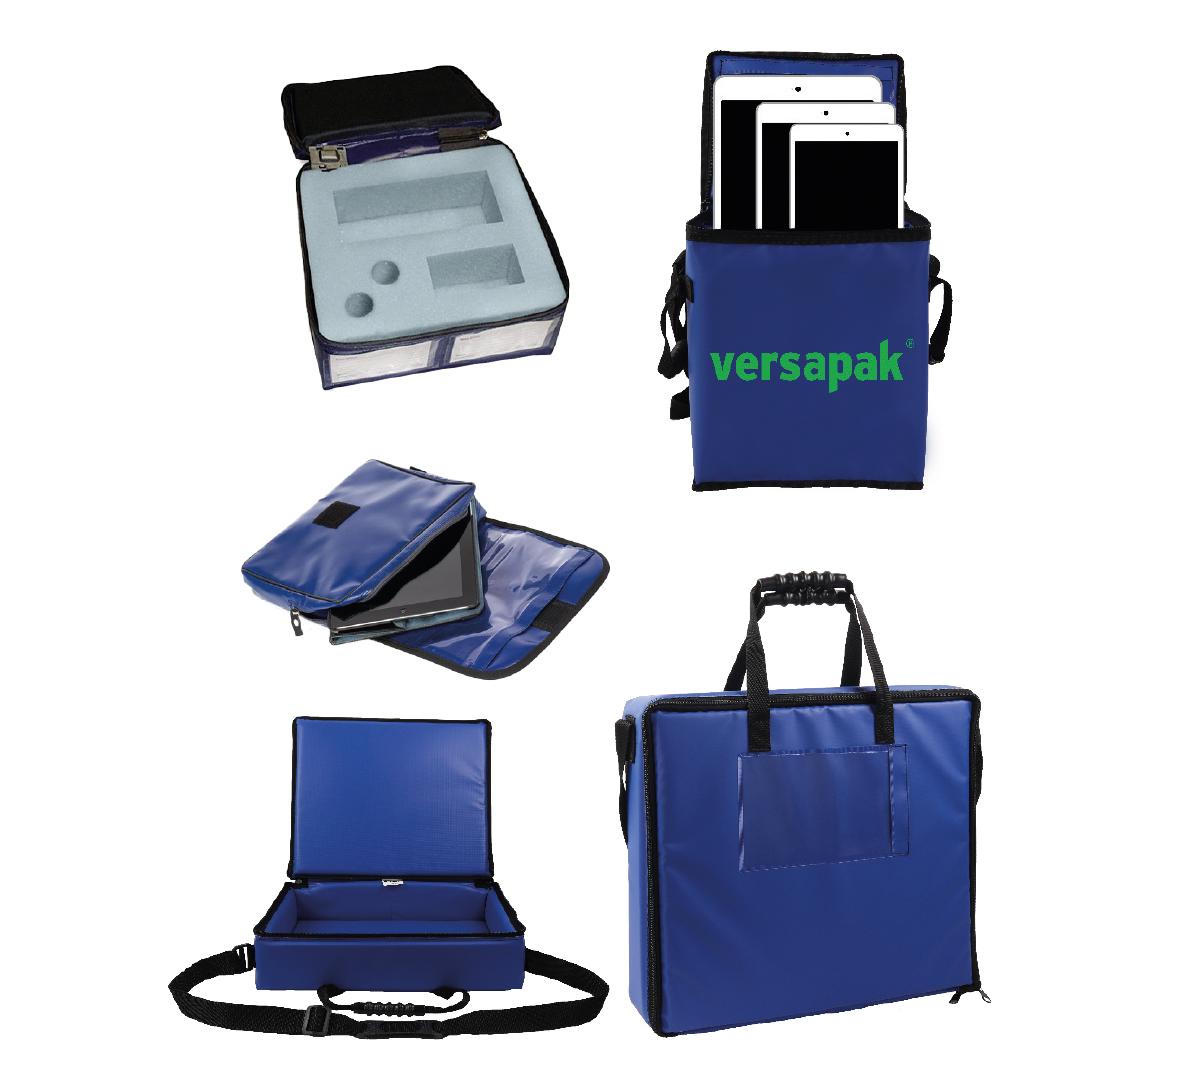 Versapak Transporttaschen für elektronische Geräte